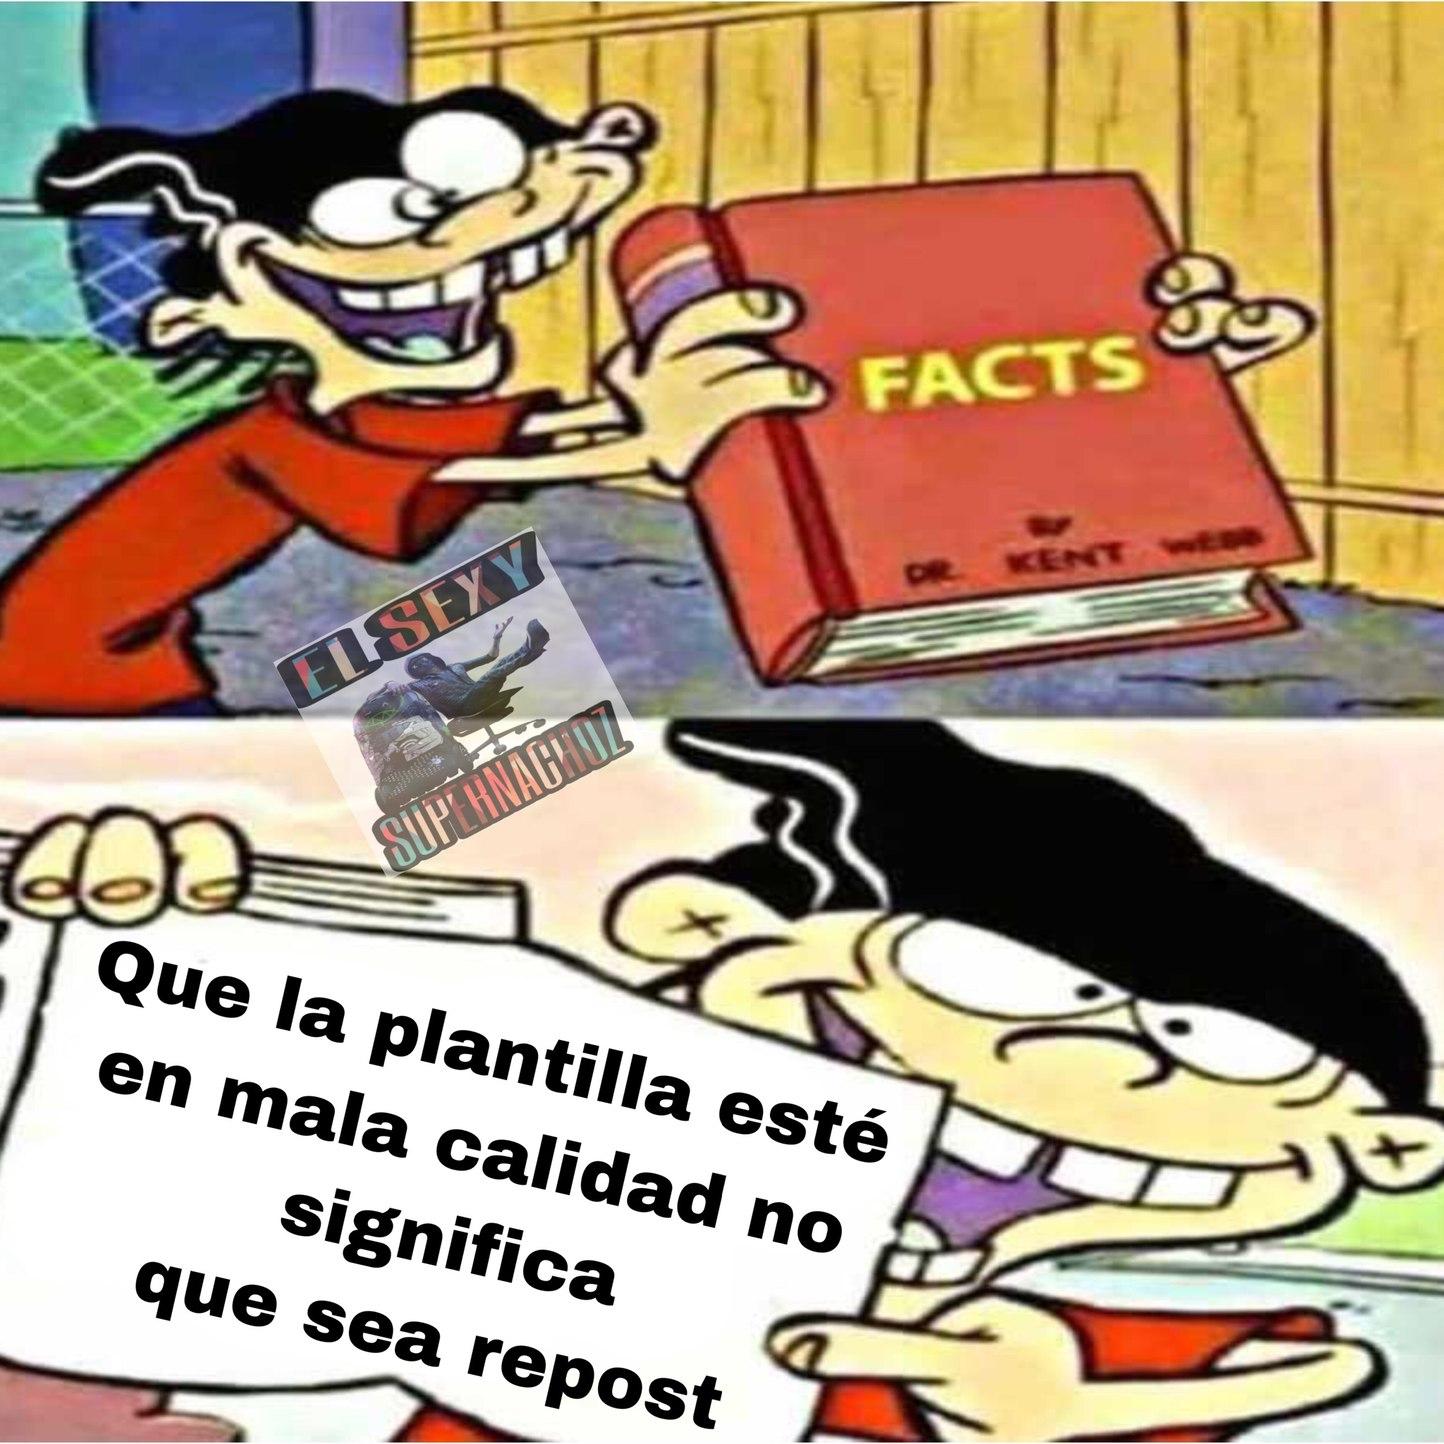 #PutoElQueLoLea - meme